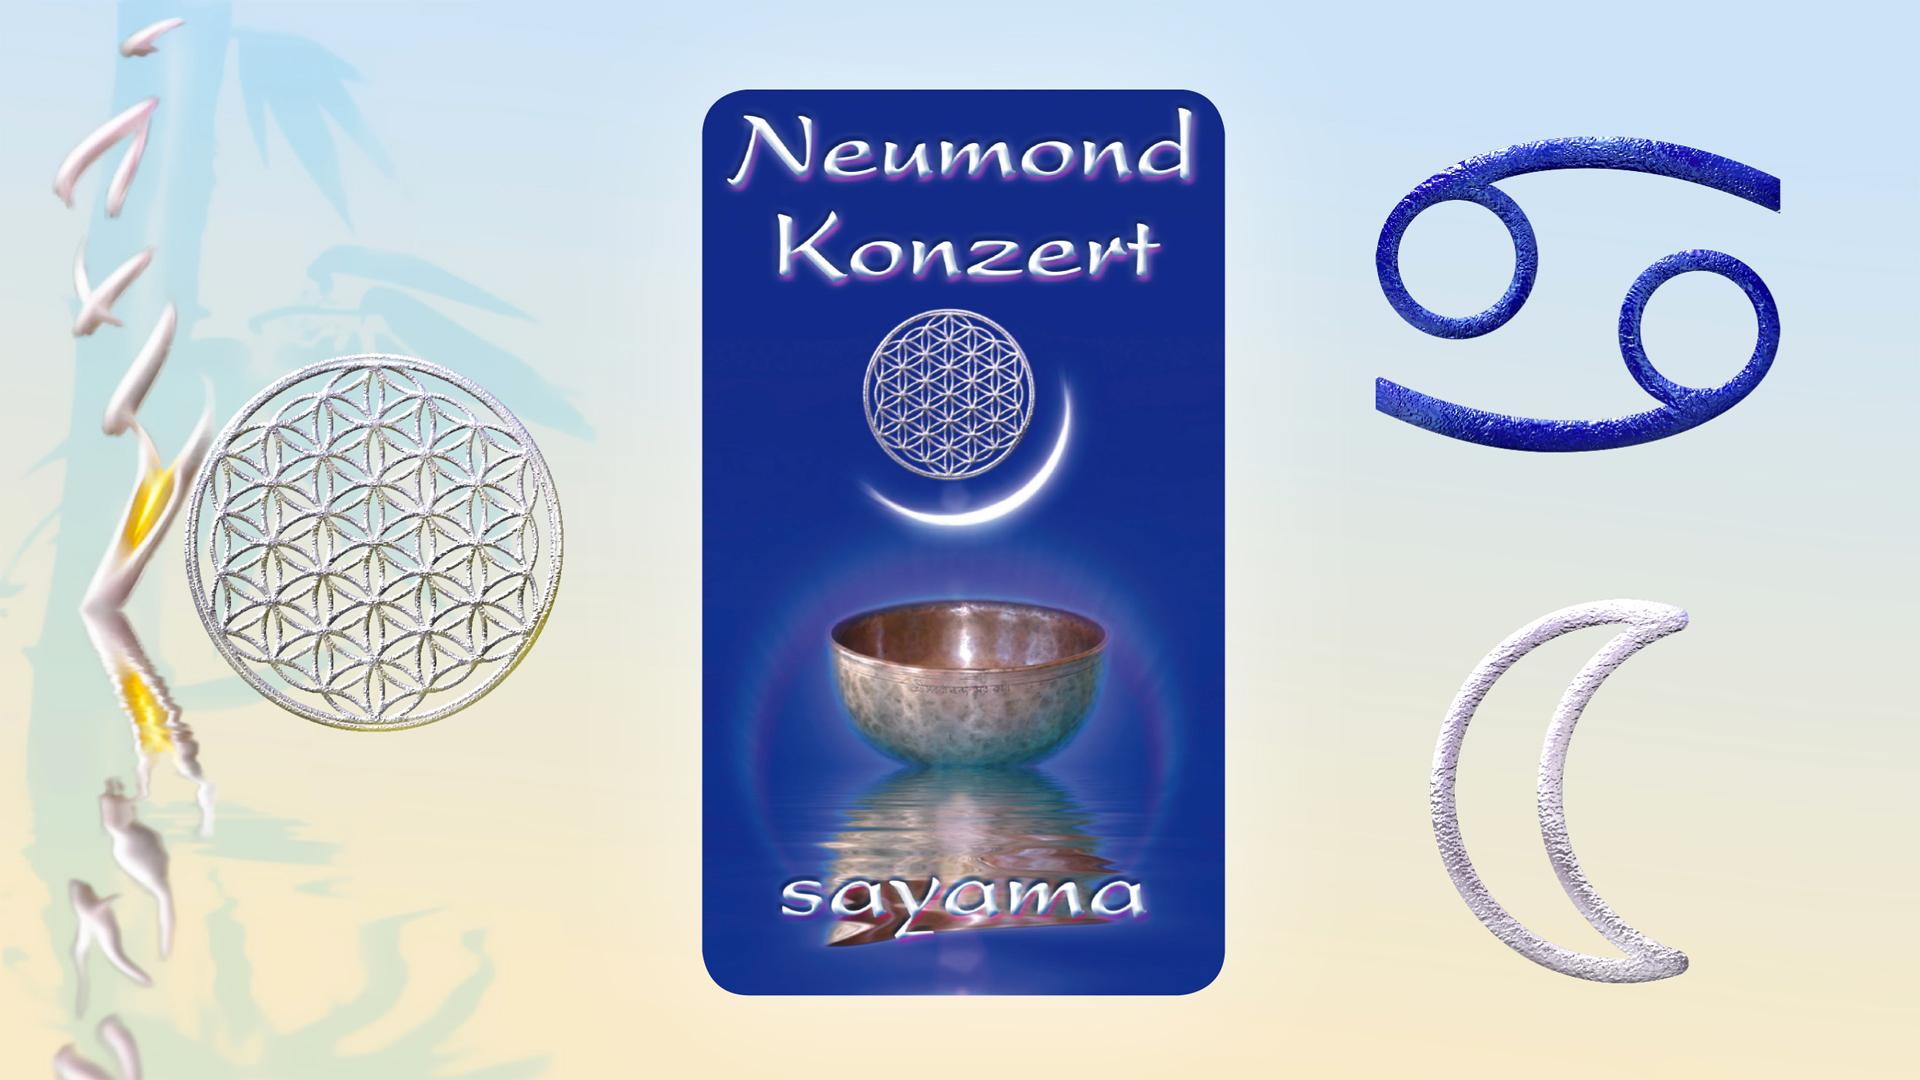 NeuMond~Konzert im Zeichen Krebs -  Mondenergie pur